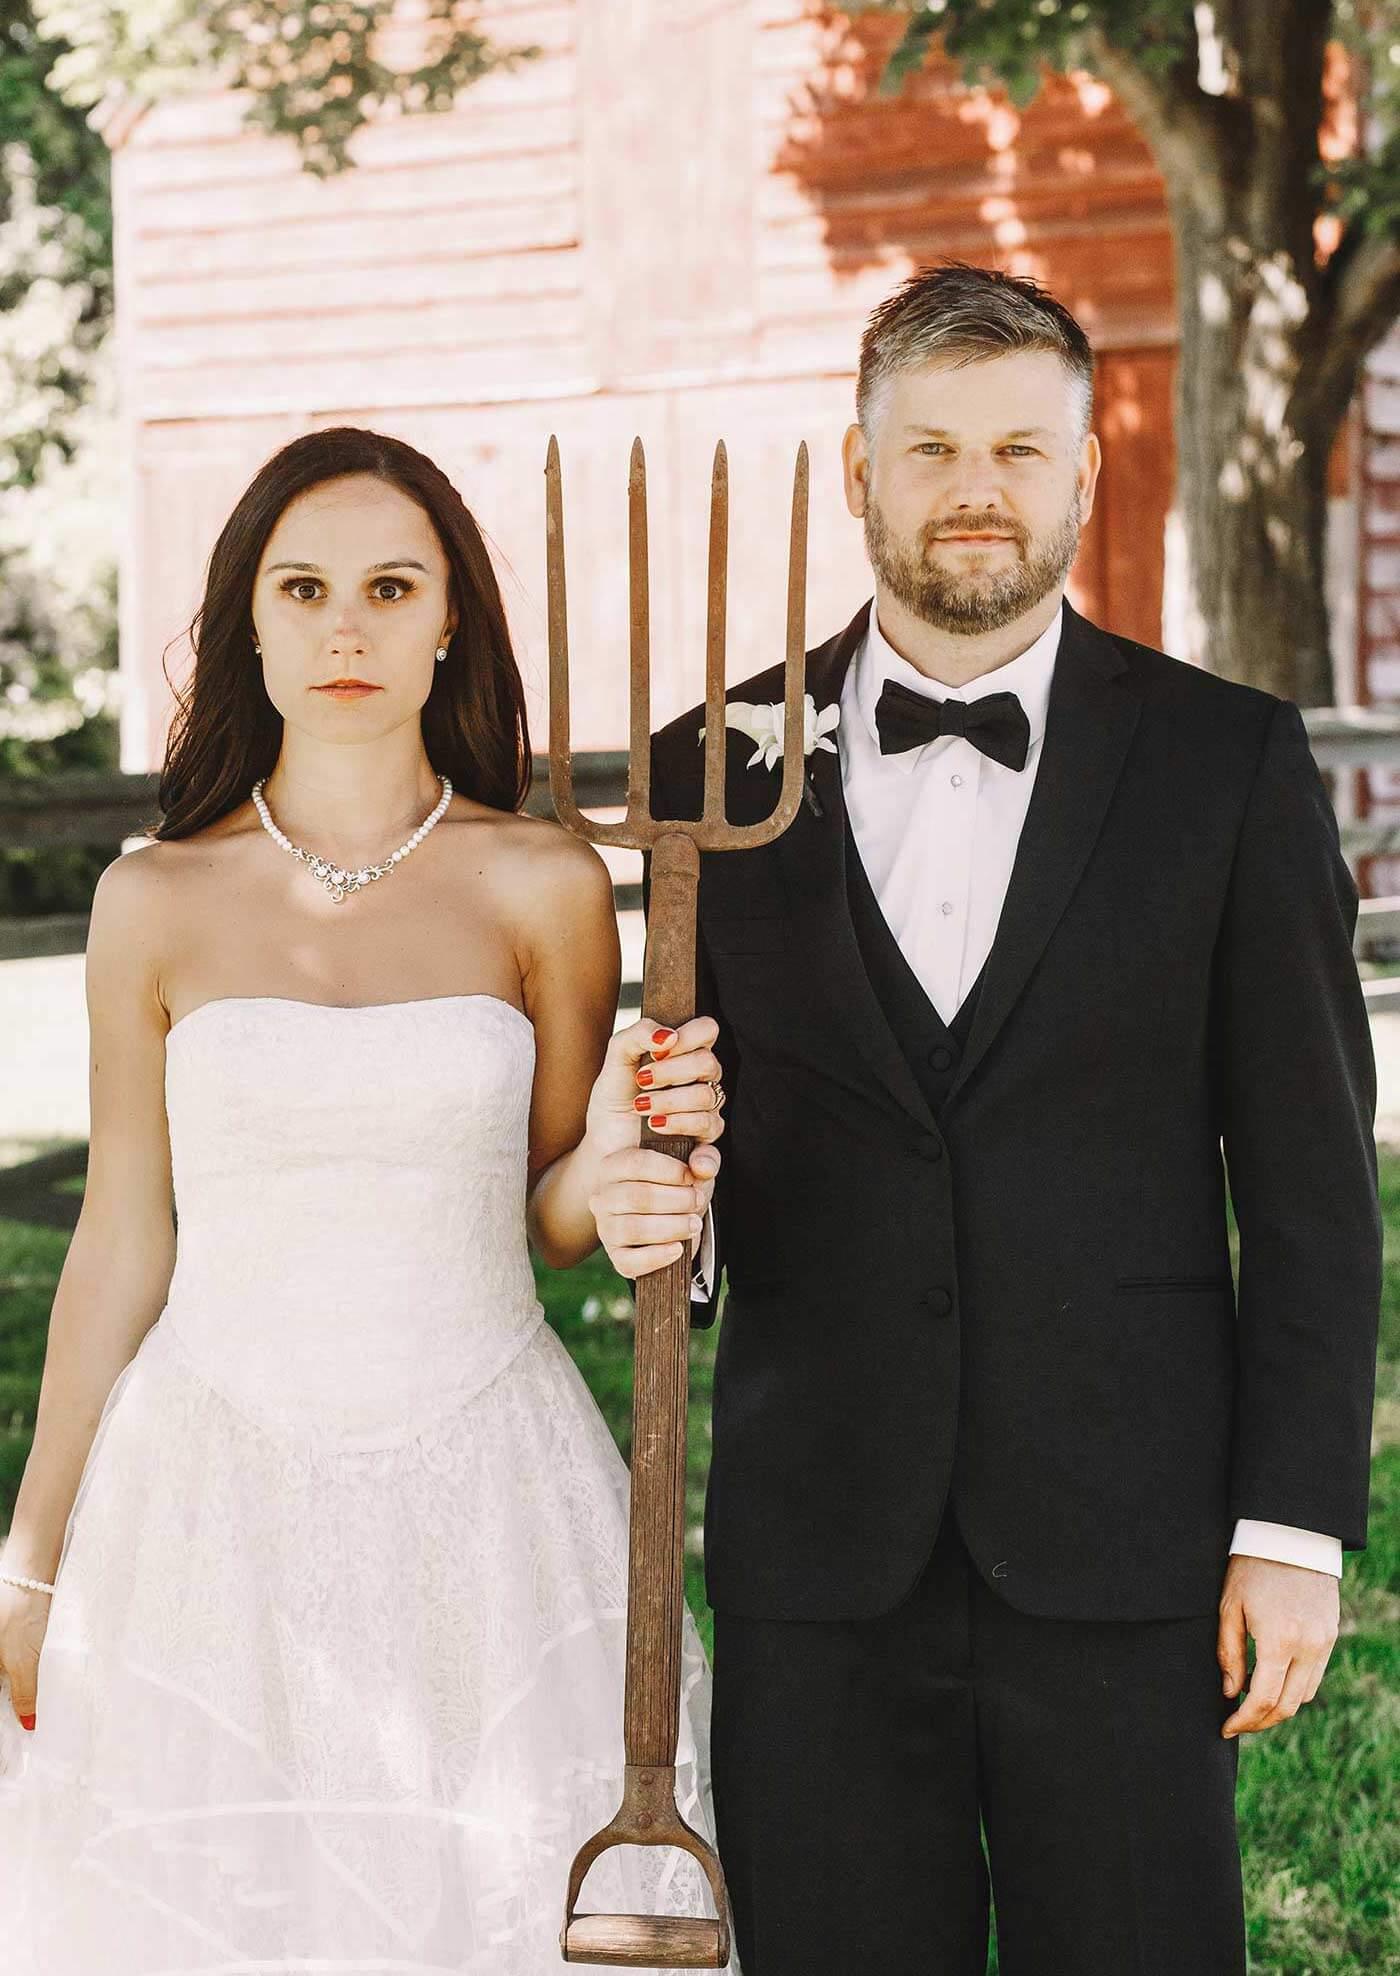 Bauernhof Hochzeit Shooting